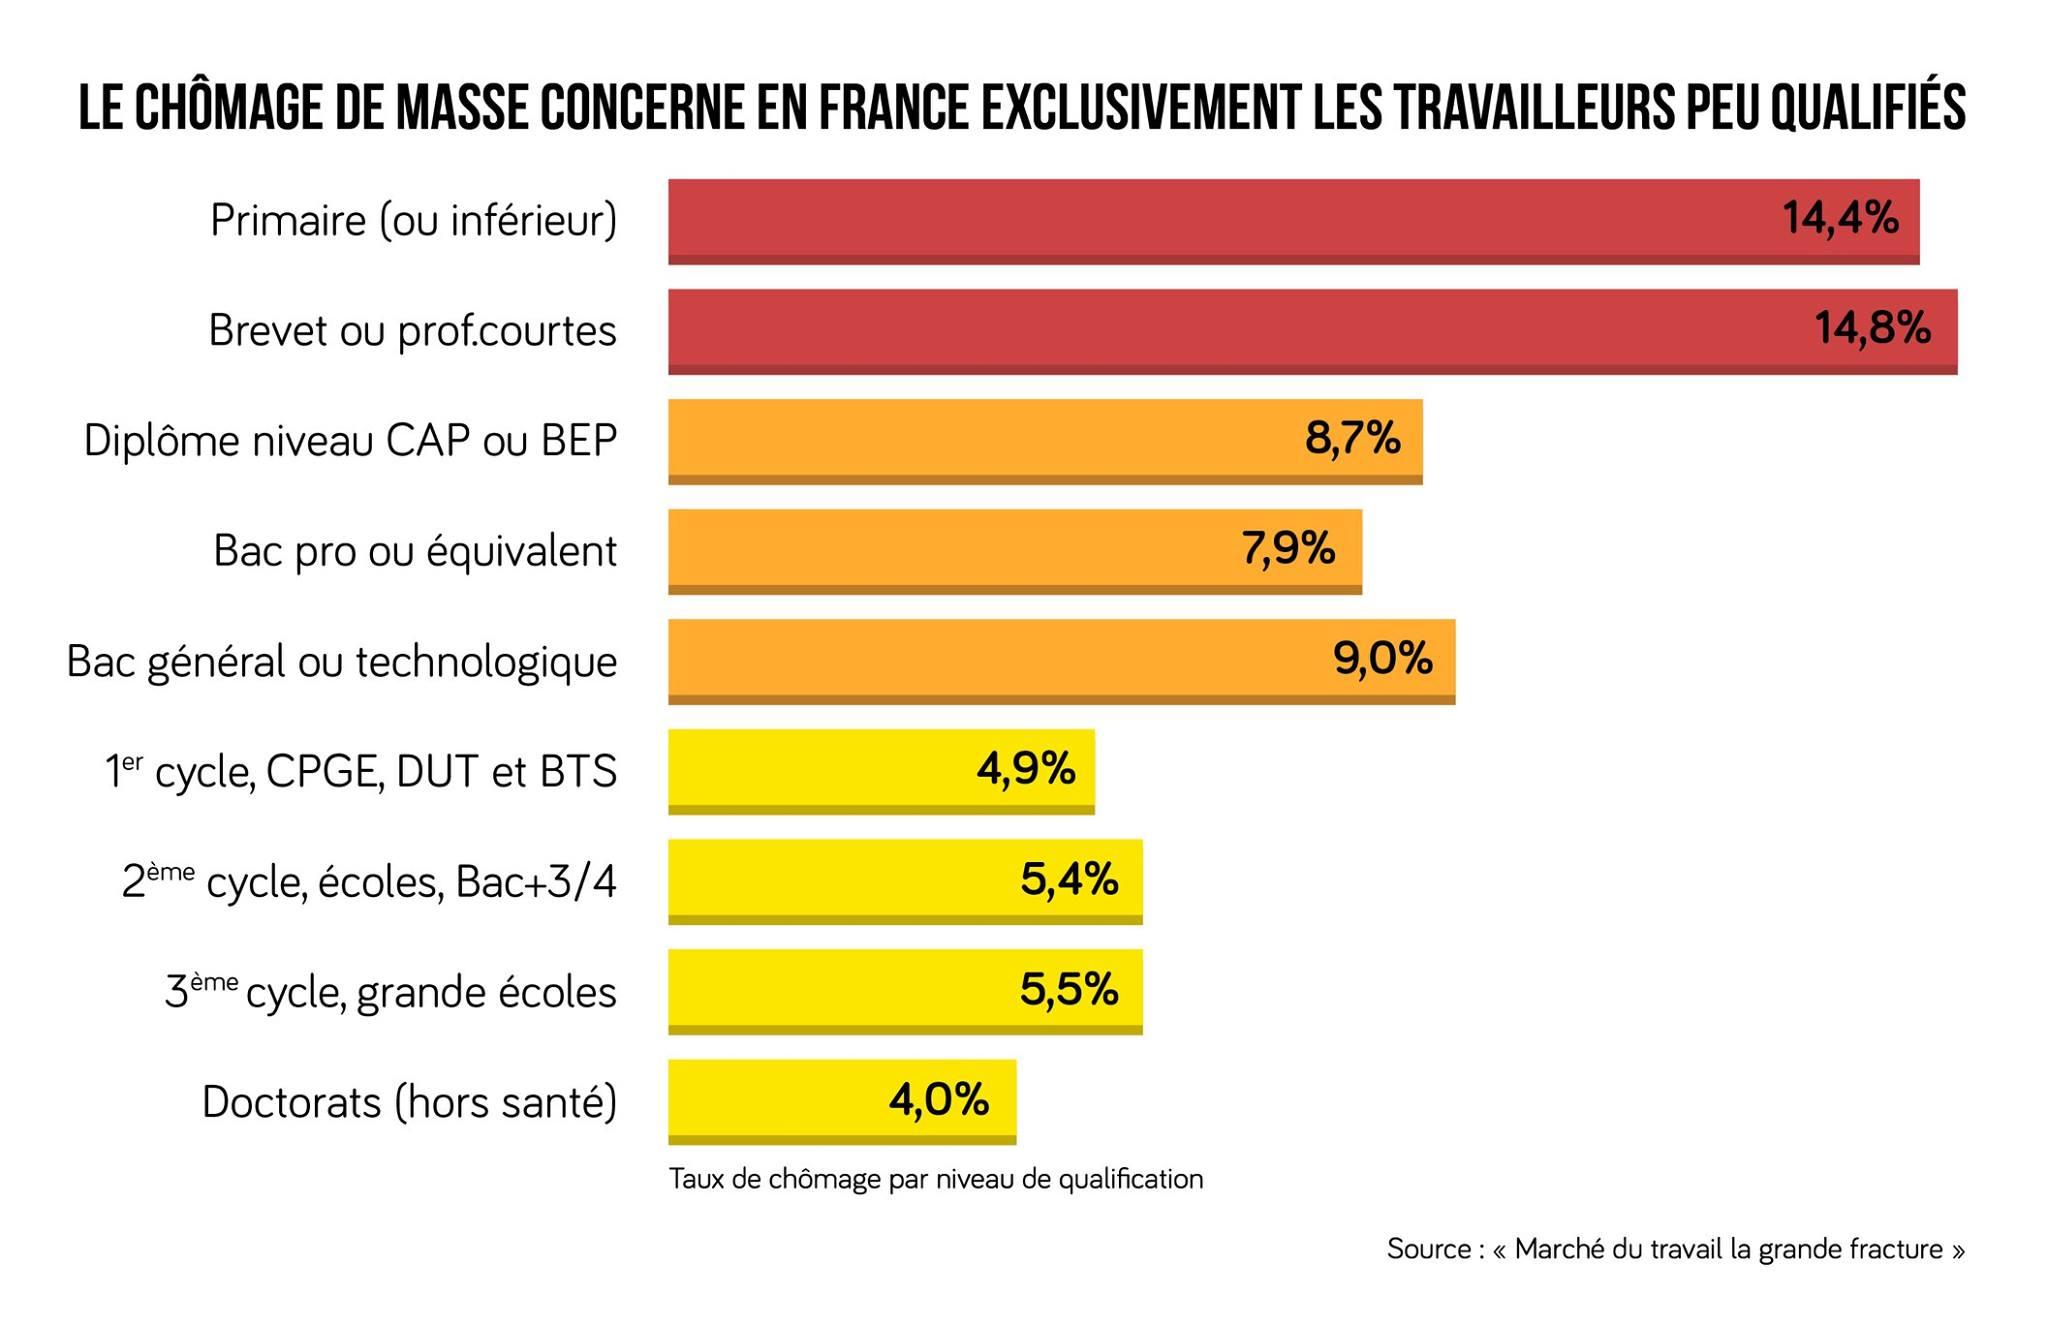 chômage en France en fonction du niveau d'étude ses terminale